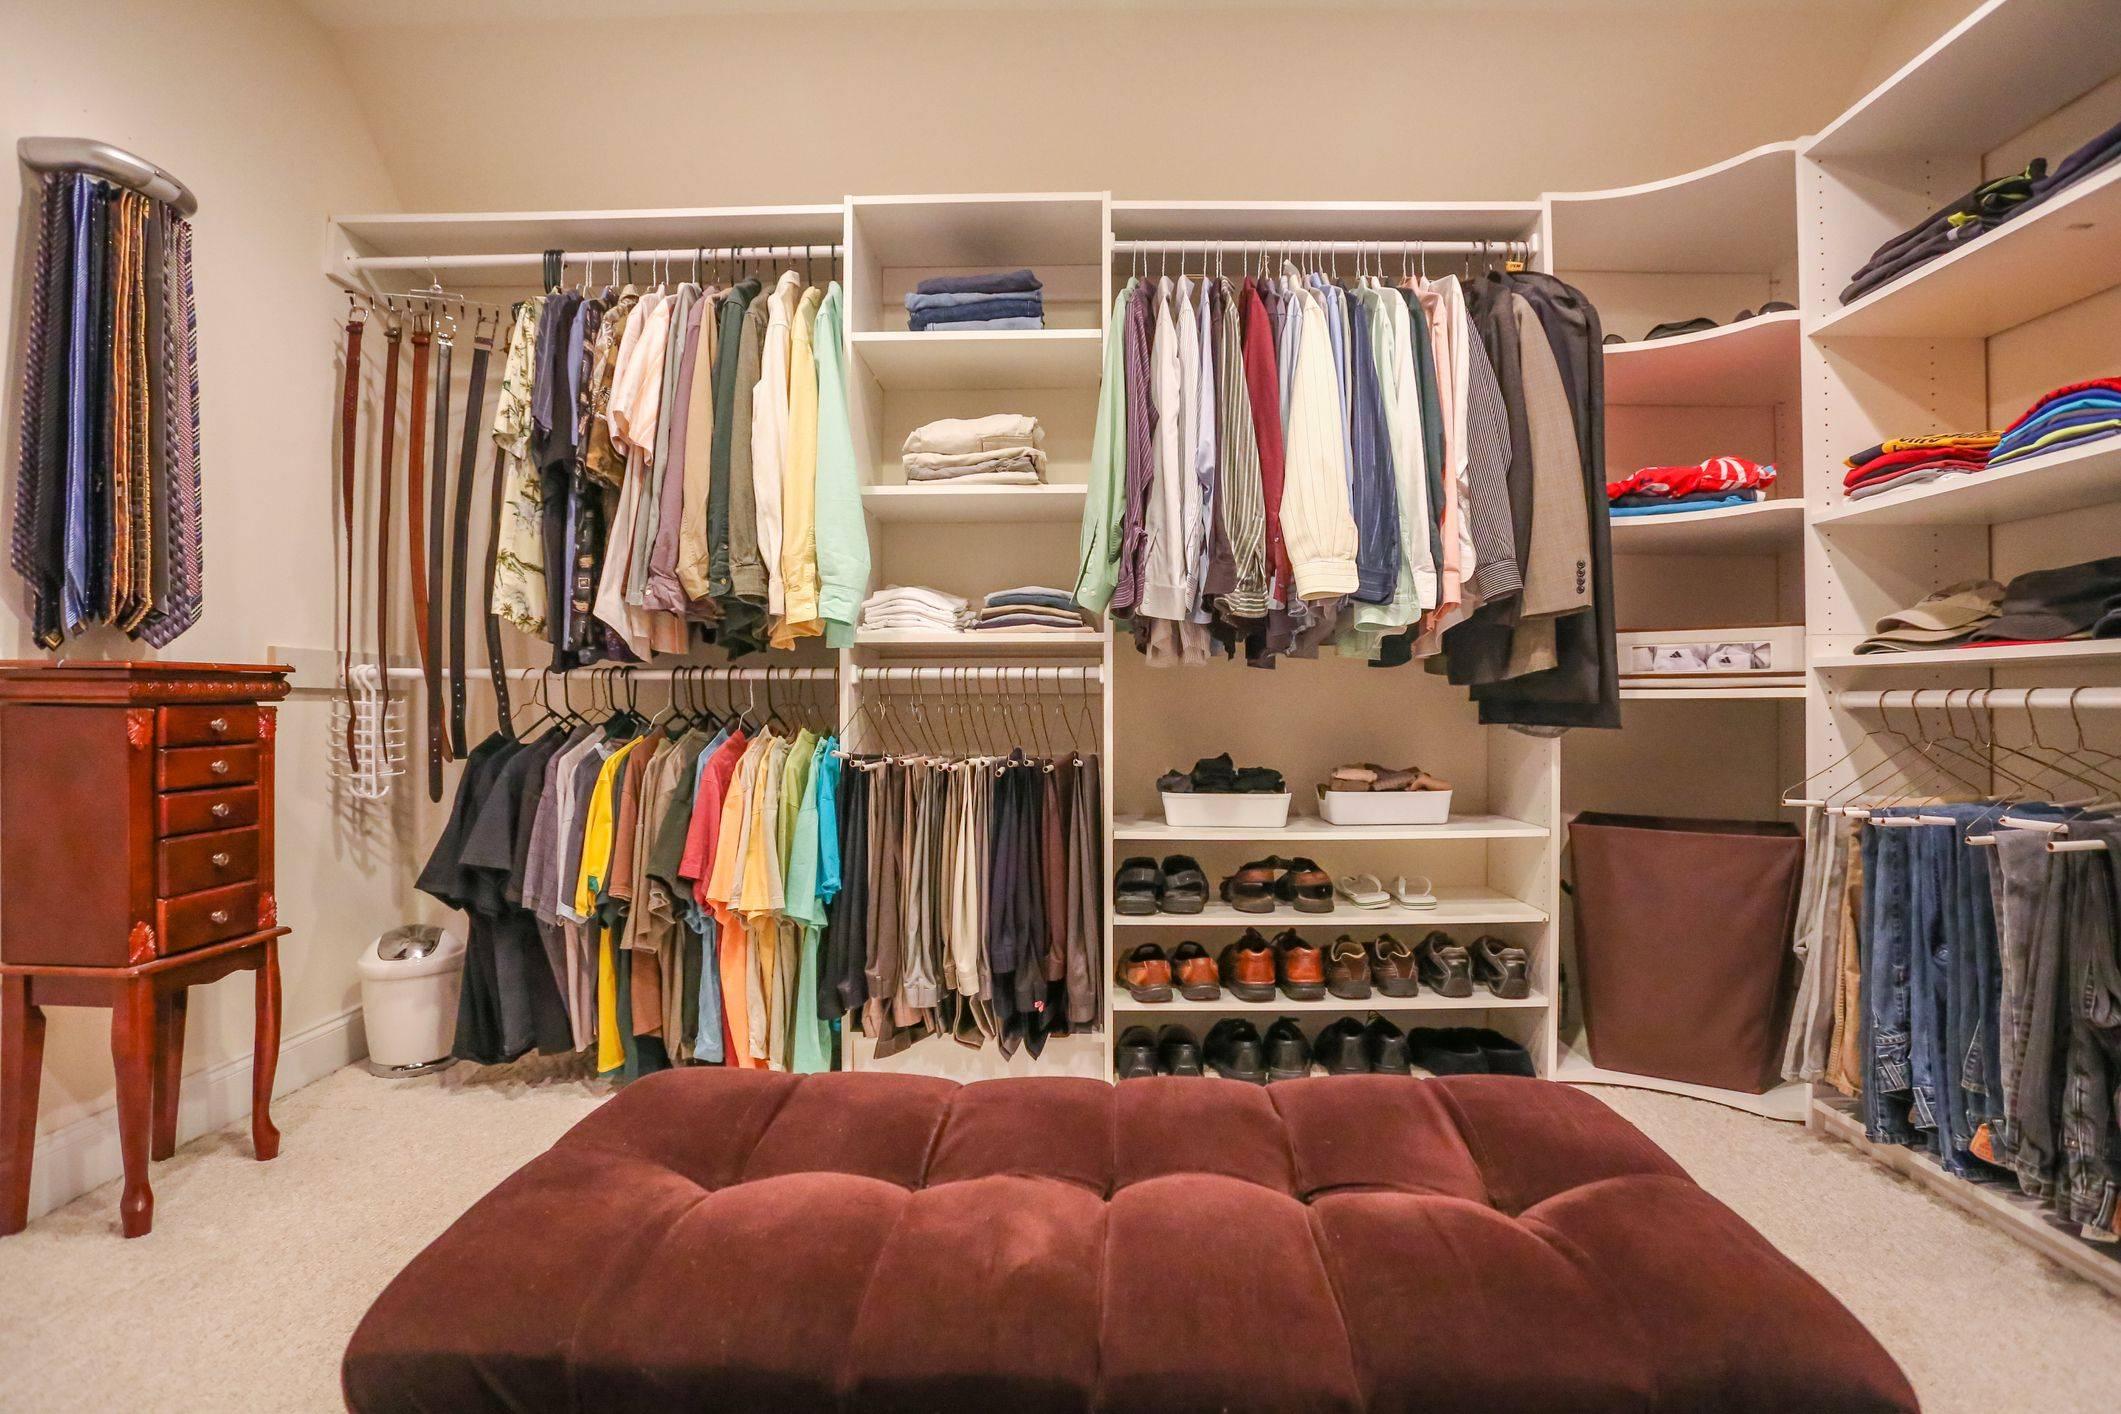 Собираем базовый мужской гардероб для серьезных встреч (и не только) - probusiness.io